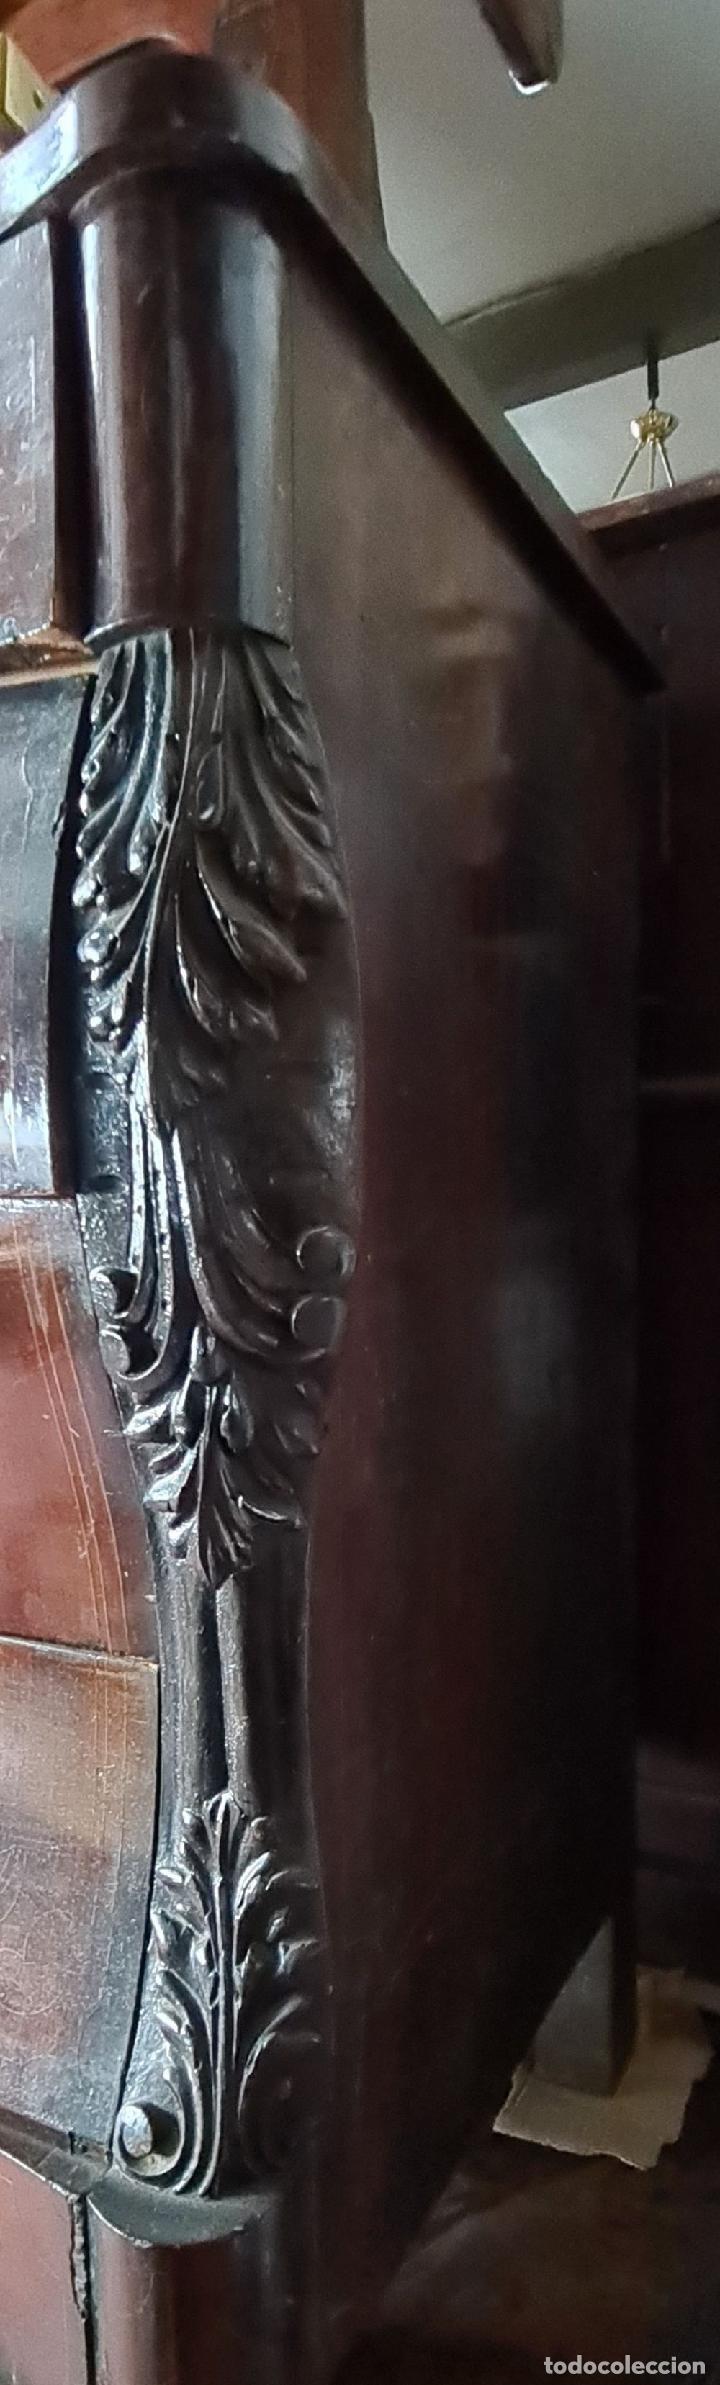 Antigüedades: COMODA EN MADERA DE PALISANDRO. ESTILO ISABELINO. MARQUETERIA DE BOJ. SIGLO XIX. - Foto 23 - 242040395